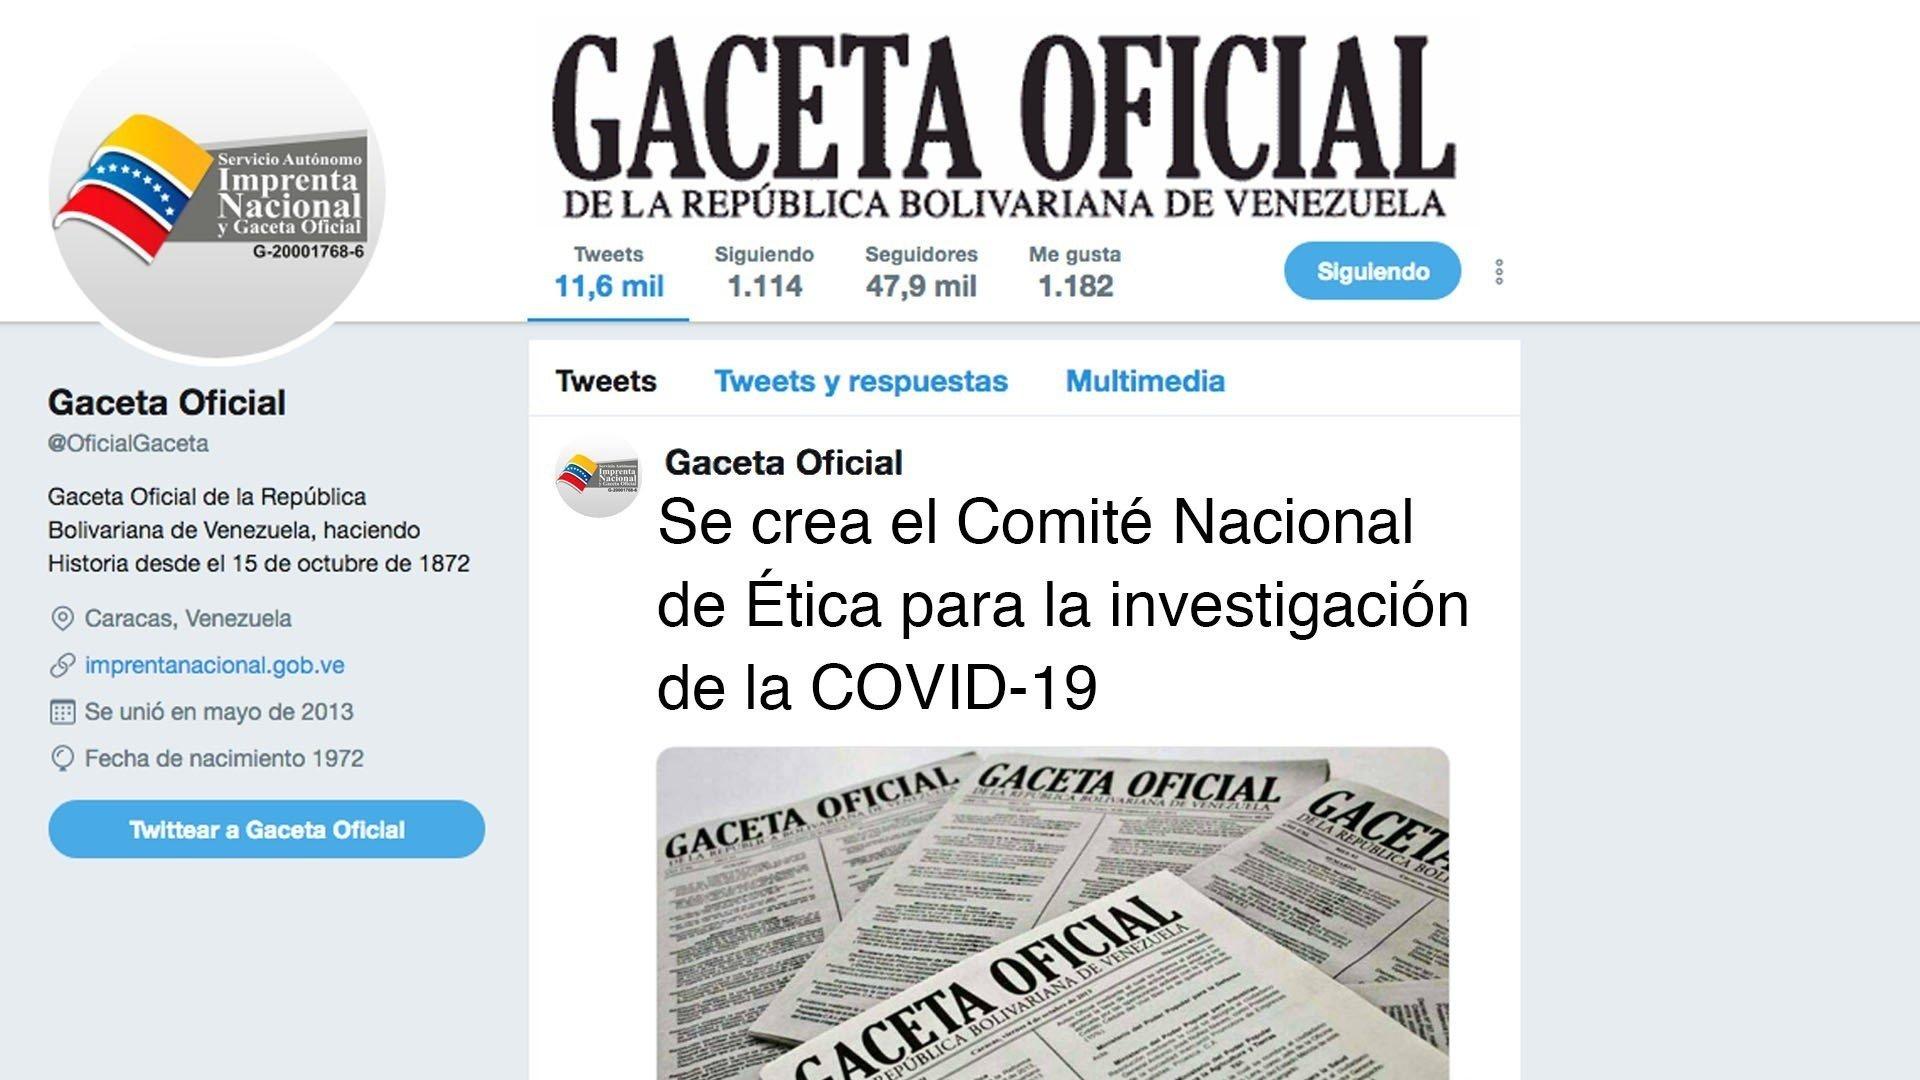 Se crea el Comité Nacional de Ética para la investigación de la COVID-19